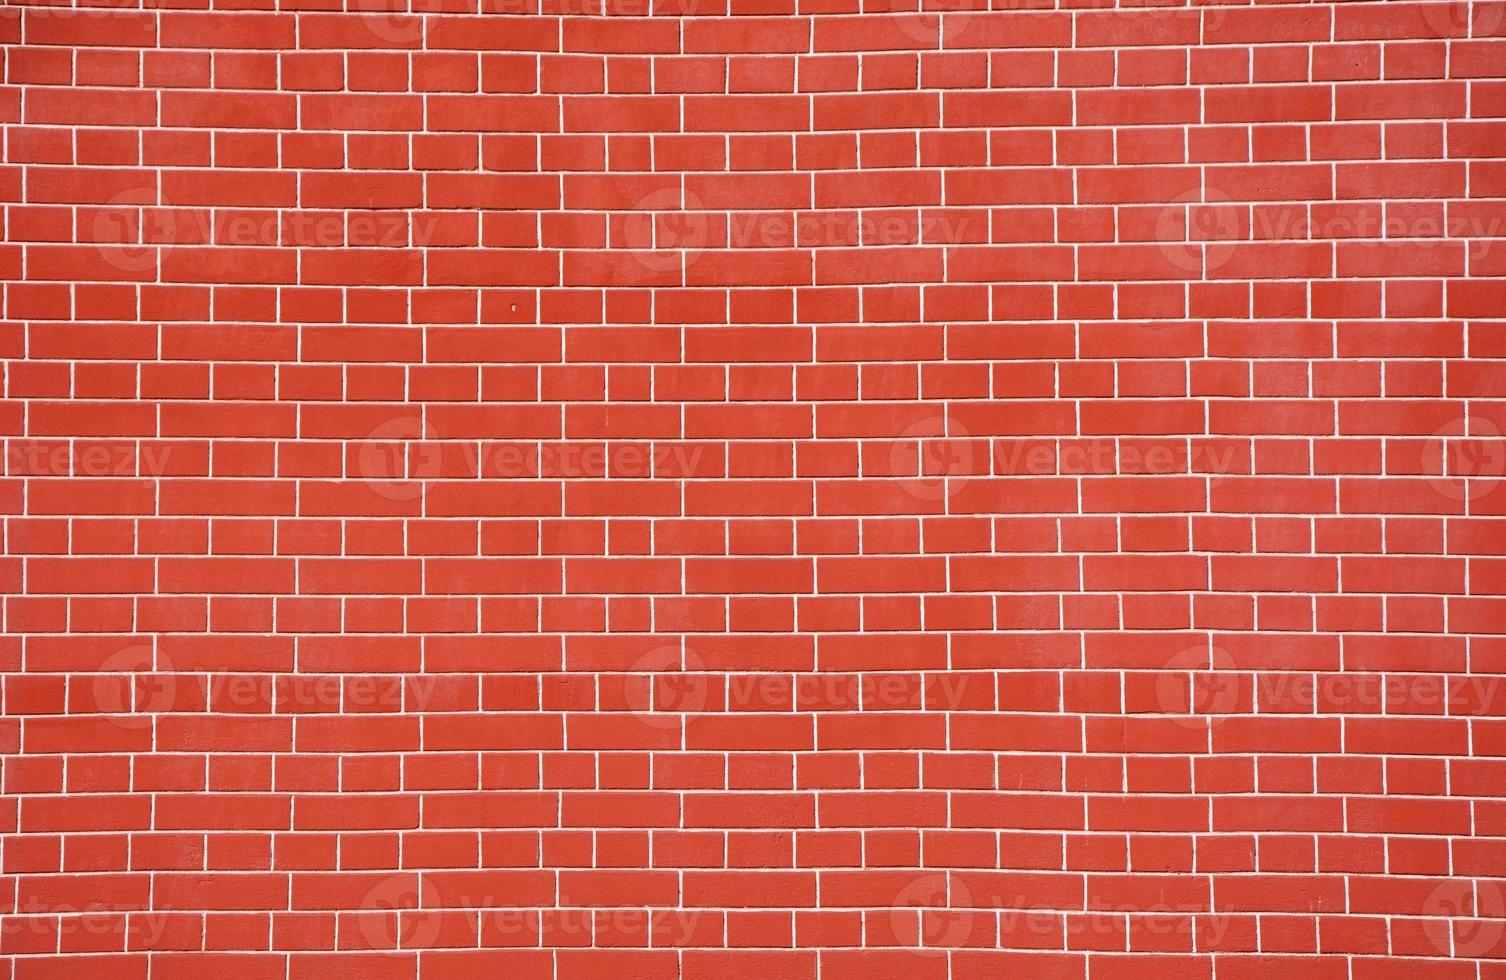 imagem em alta resolução de parede de tijolos foto